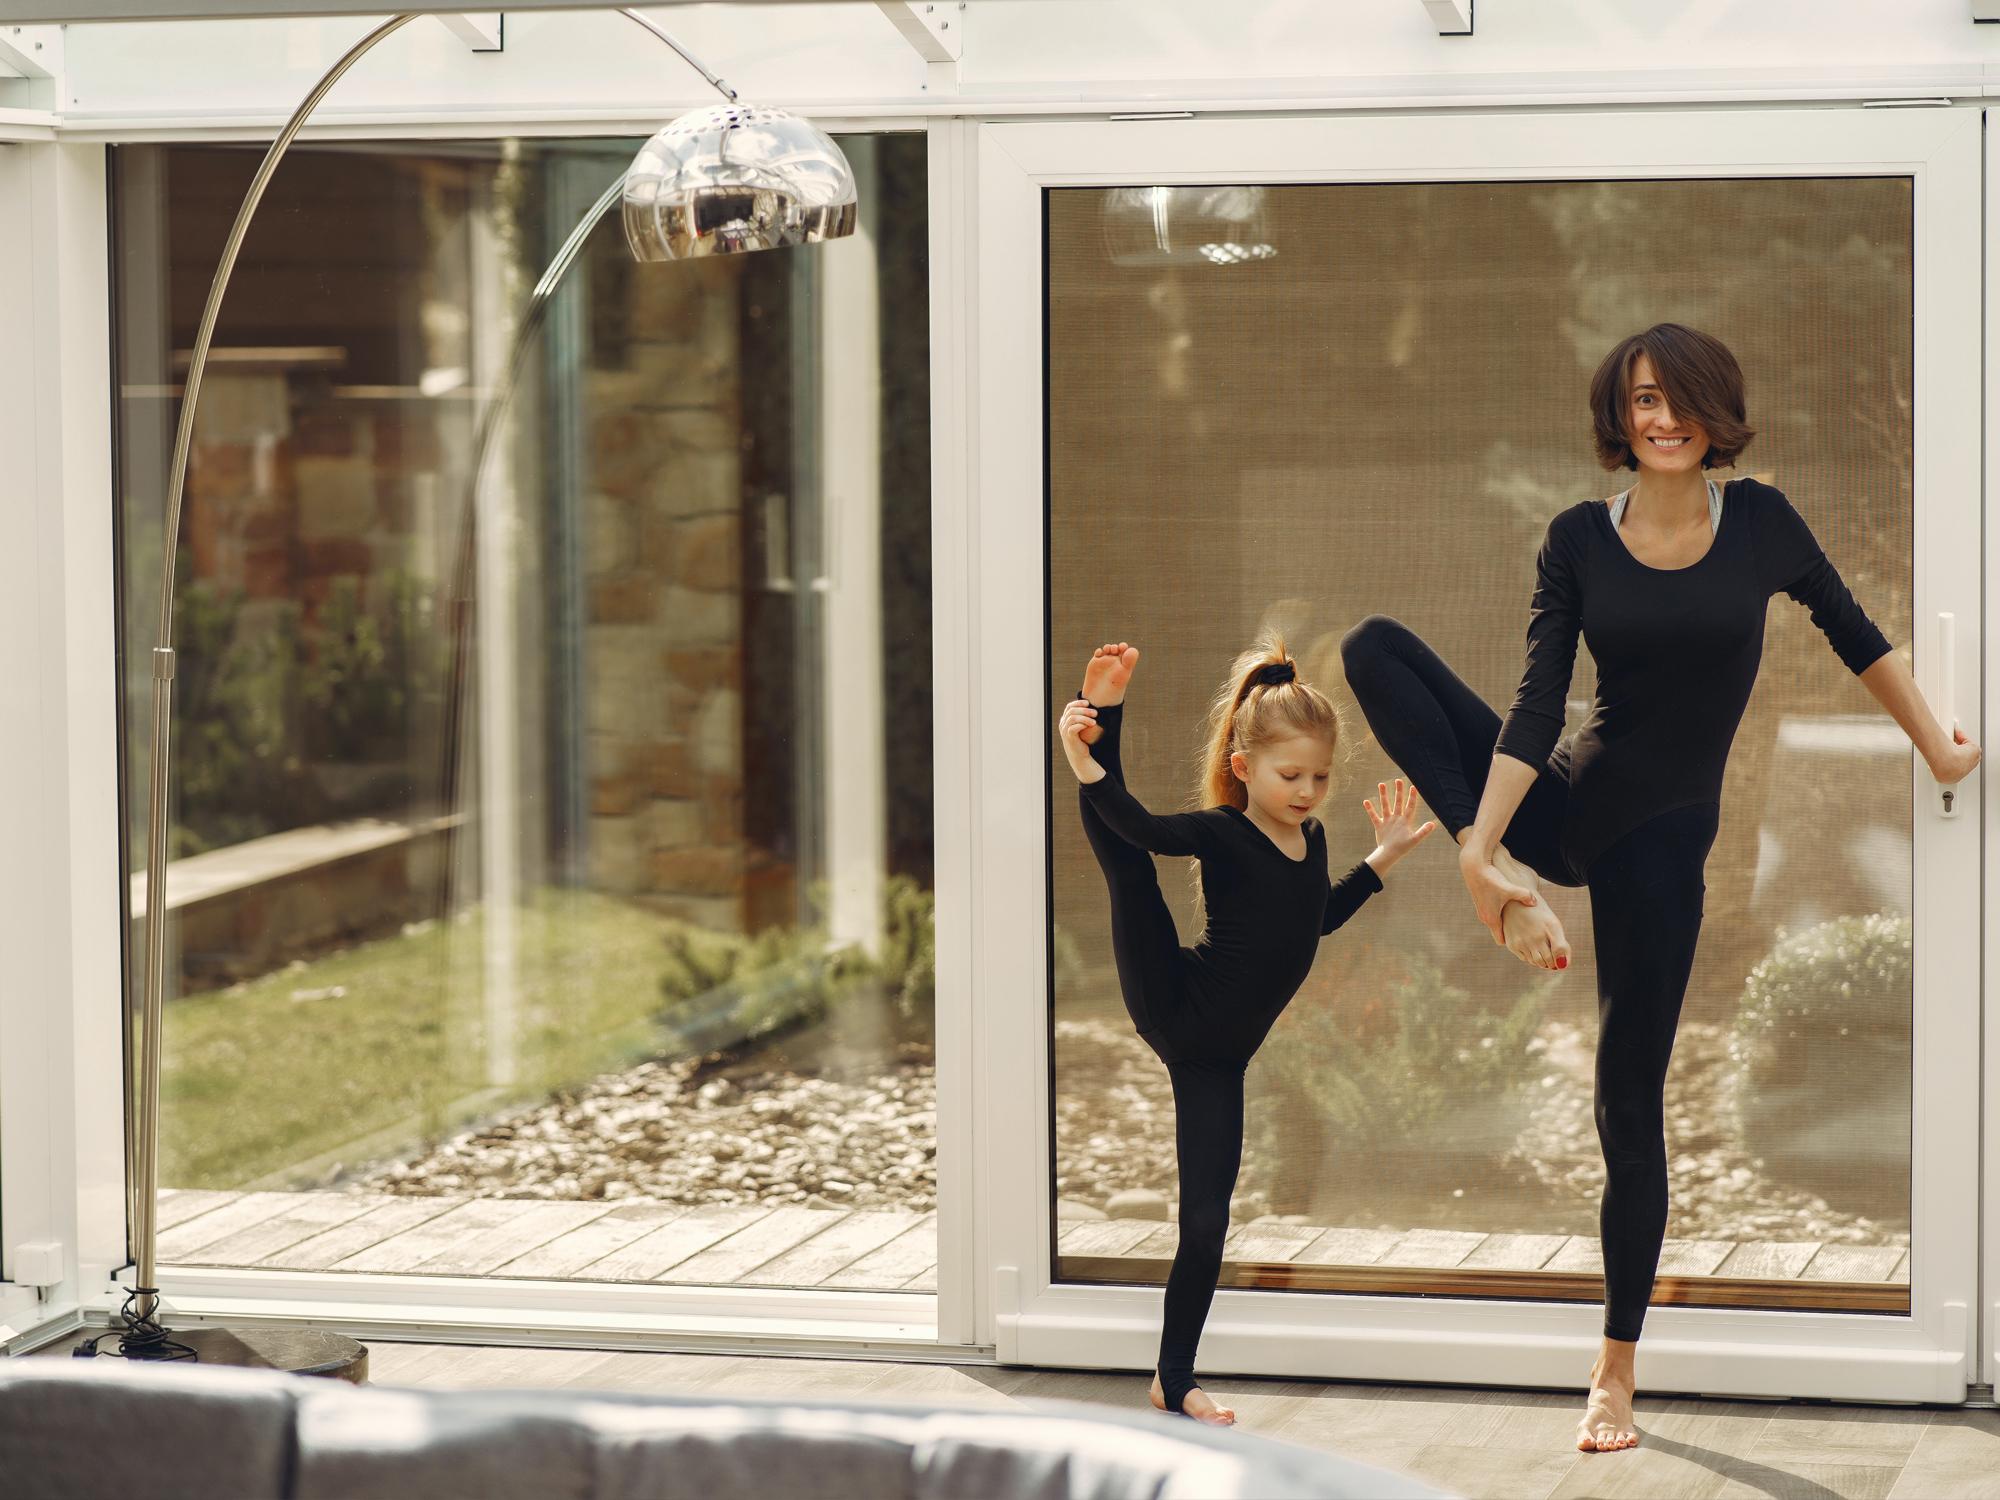 Les avantages du yoga pour les gens de plus de 40 ans